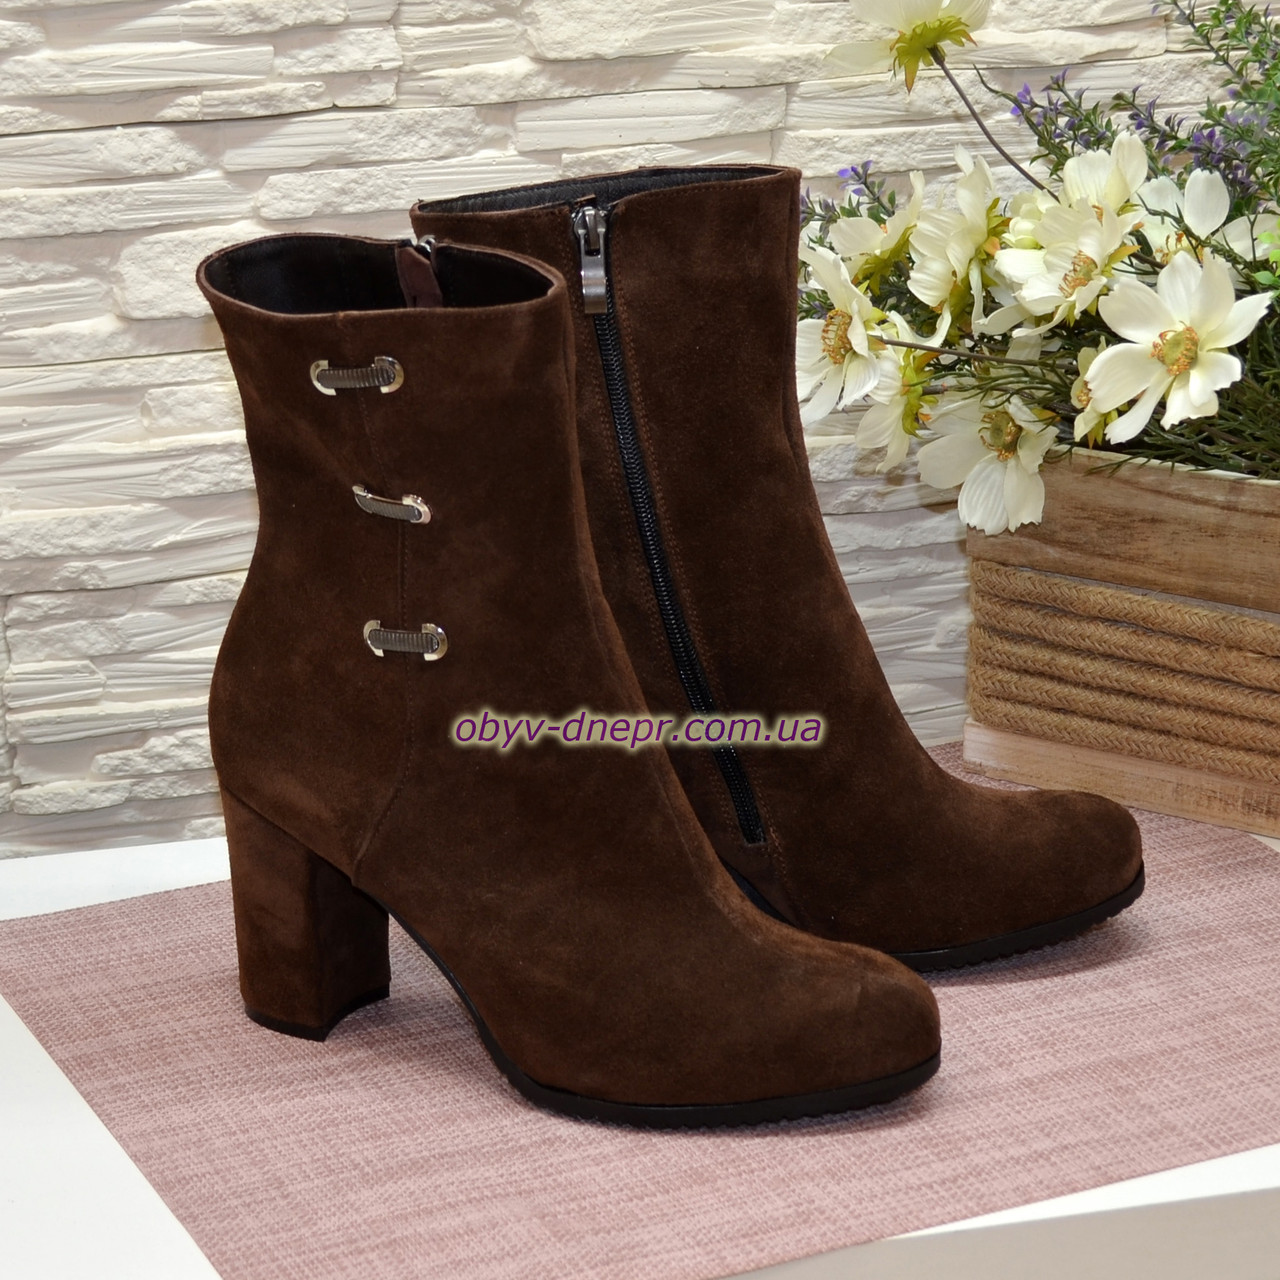 Ботинки демисезонные замшевые на высоком устойчивом каблуке, цвет коричневый